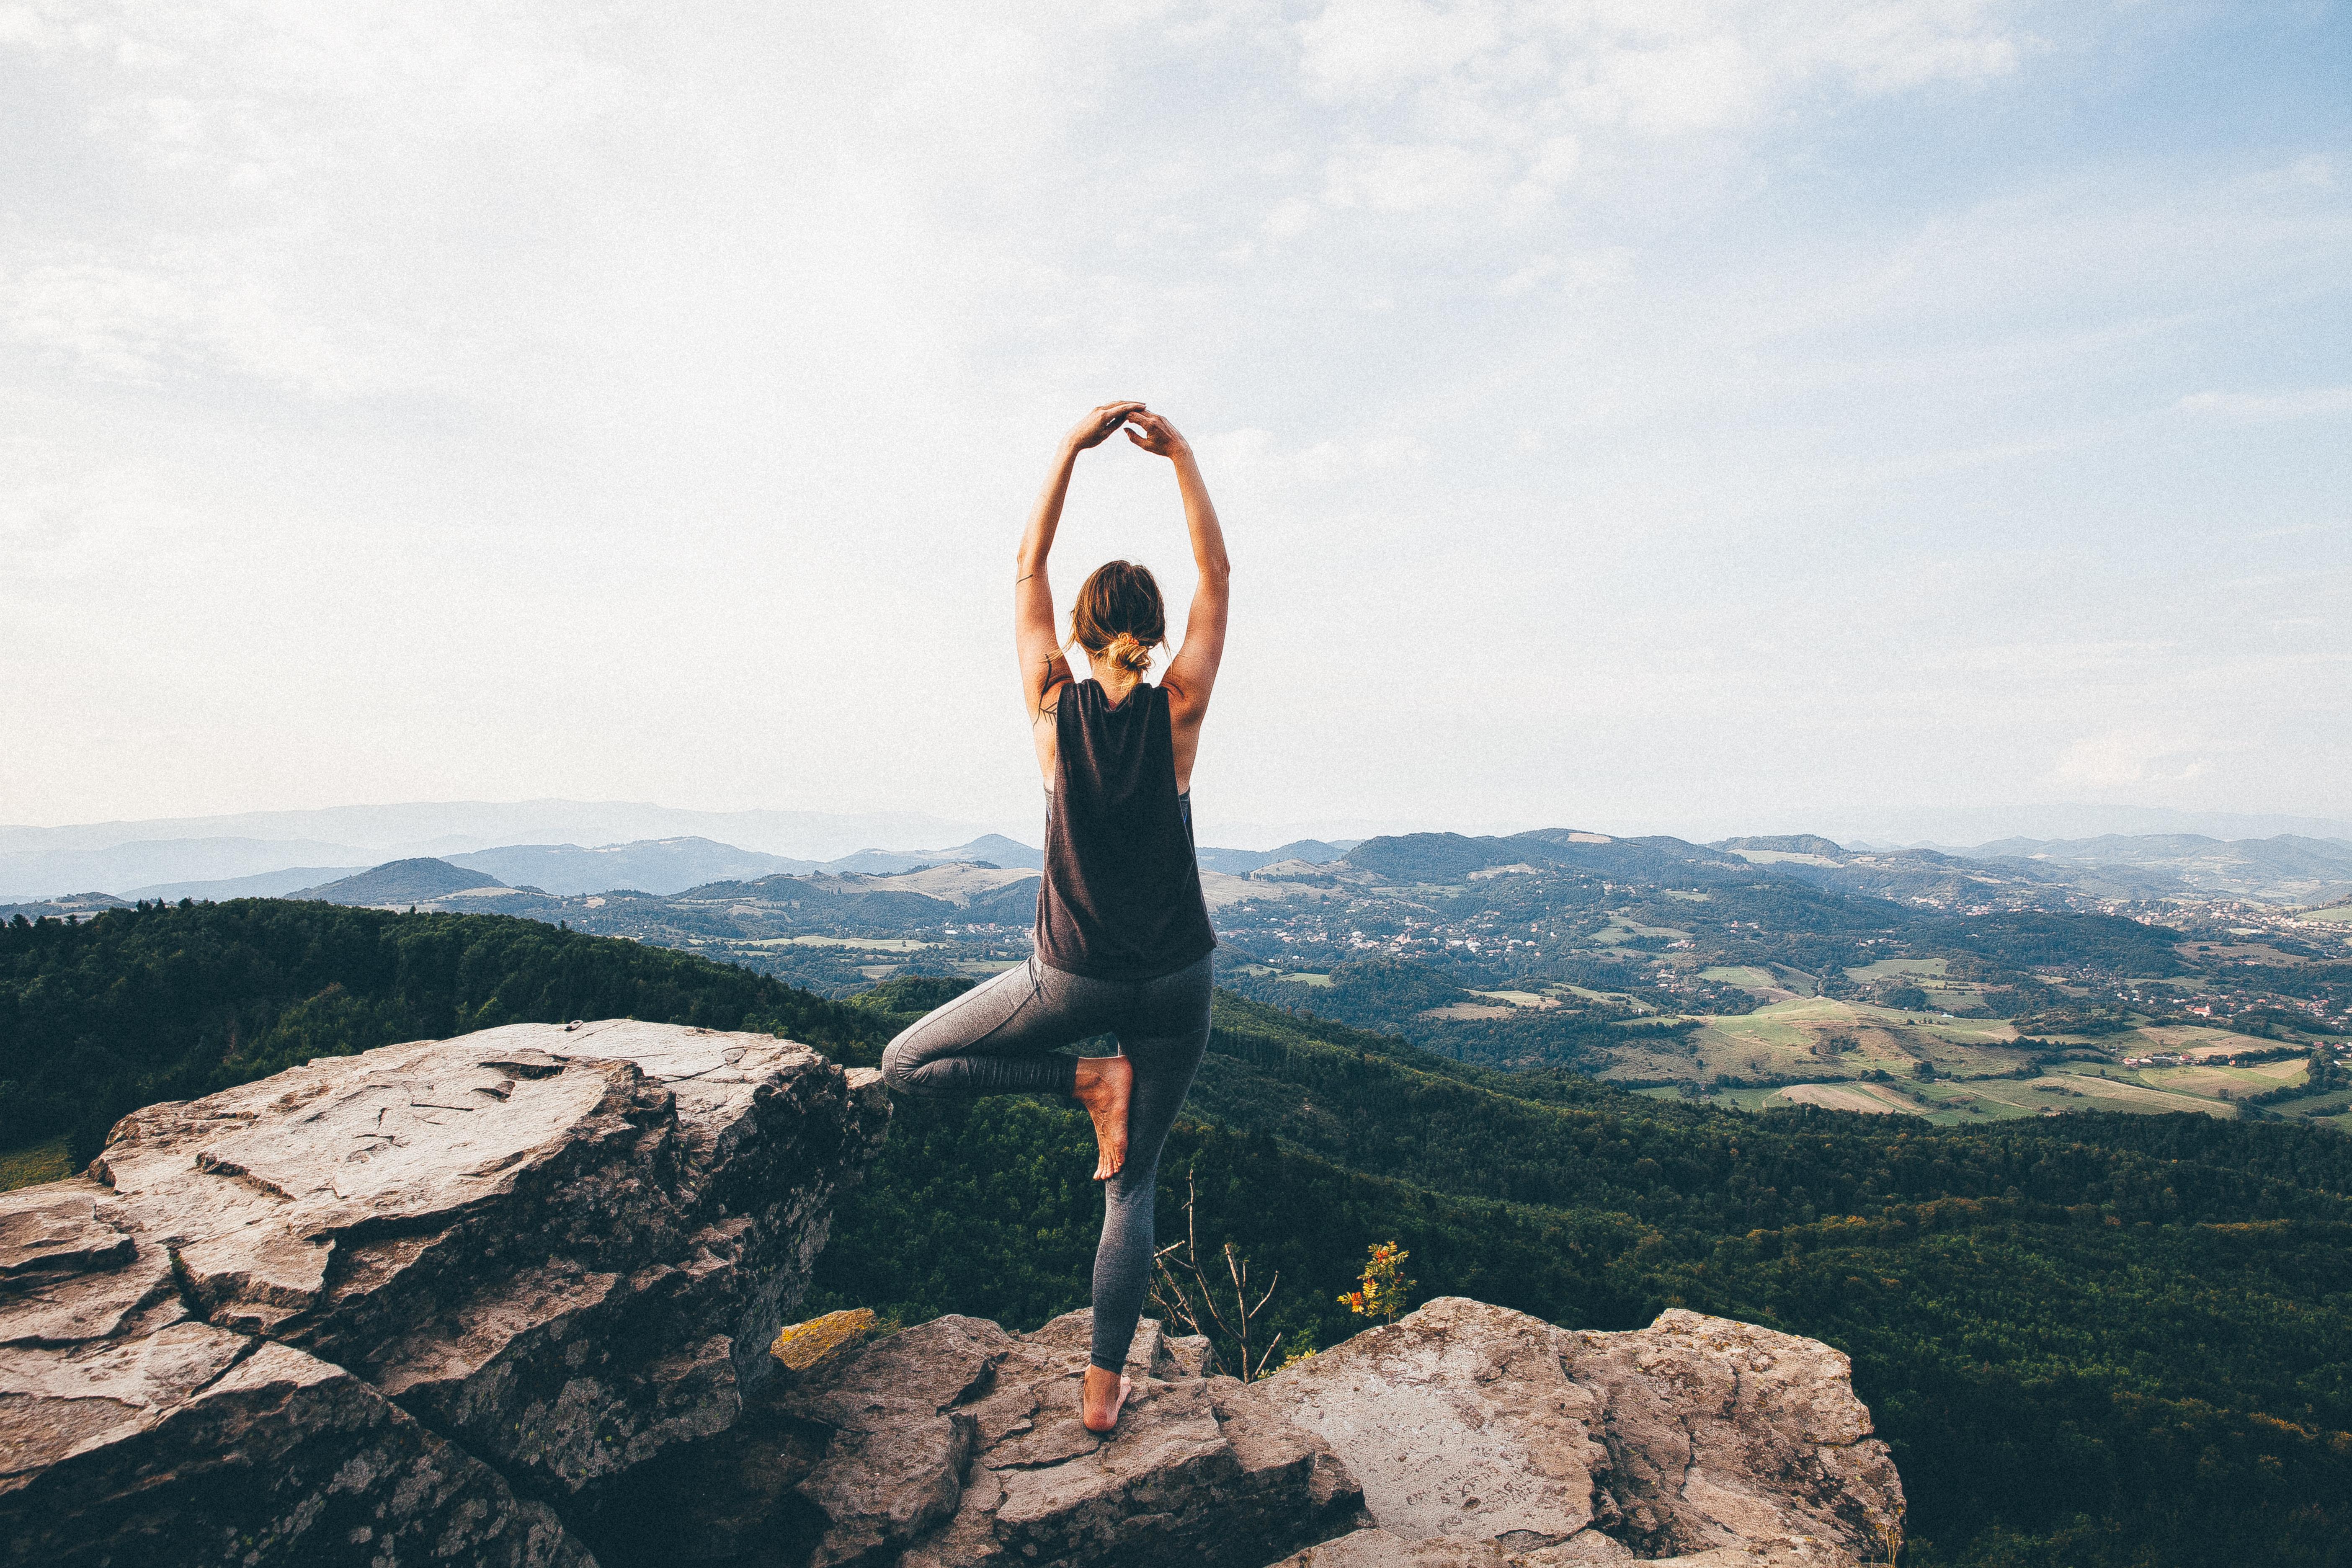 Girl does yoga overlooking canyon